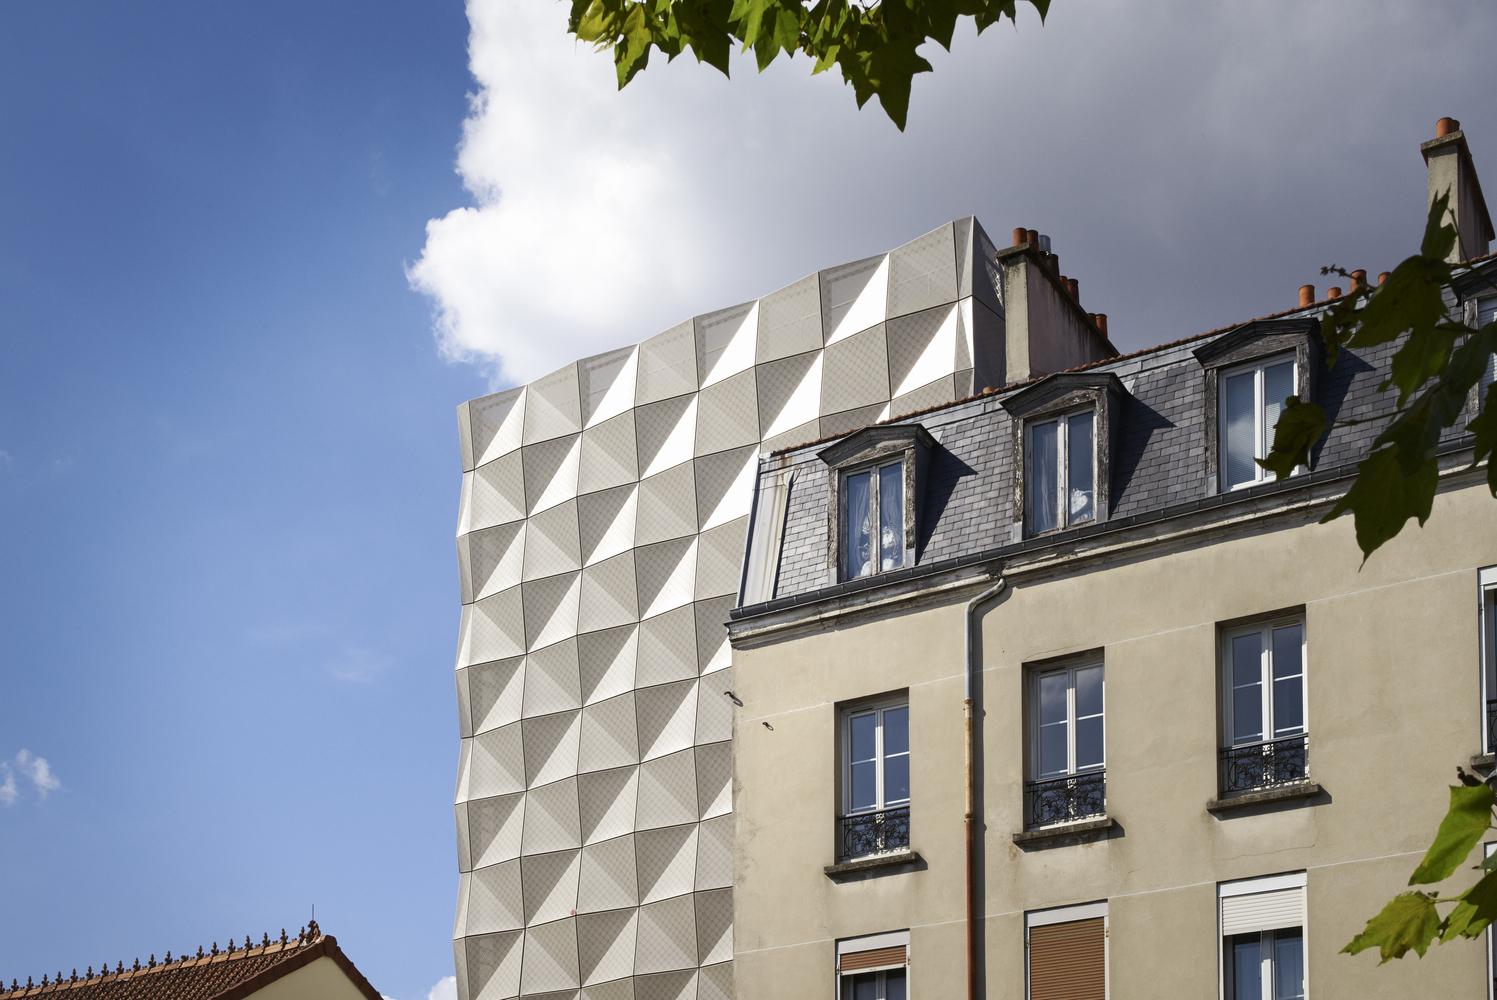 5_Dance School Aurélie-Dupont_Lankry architectes_Inspirationist